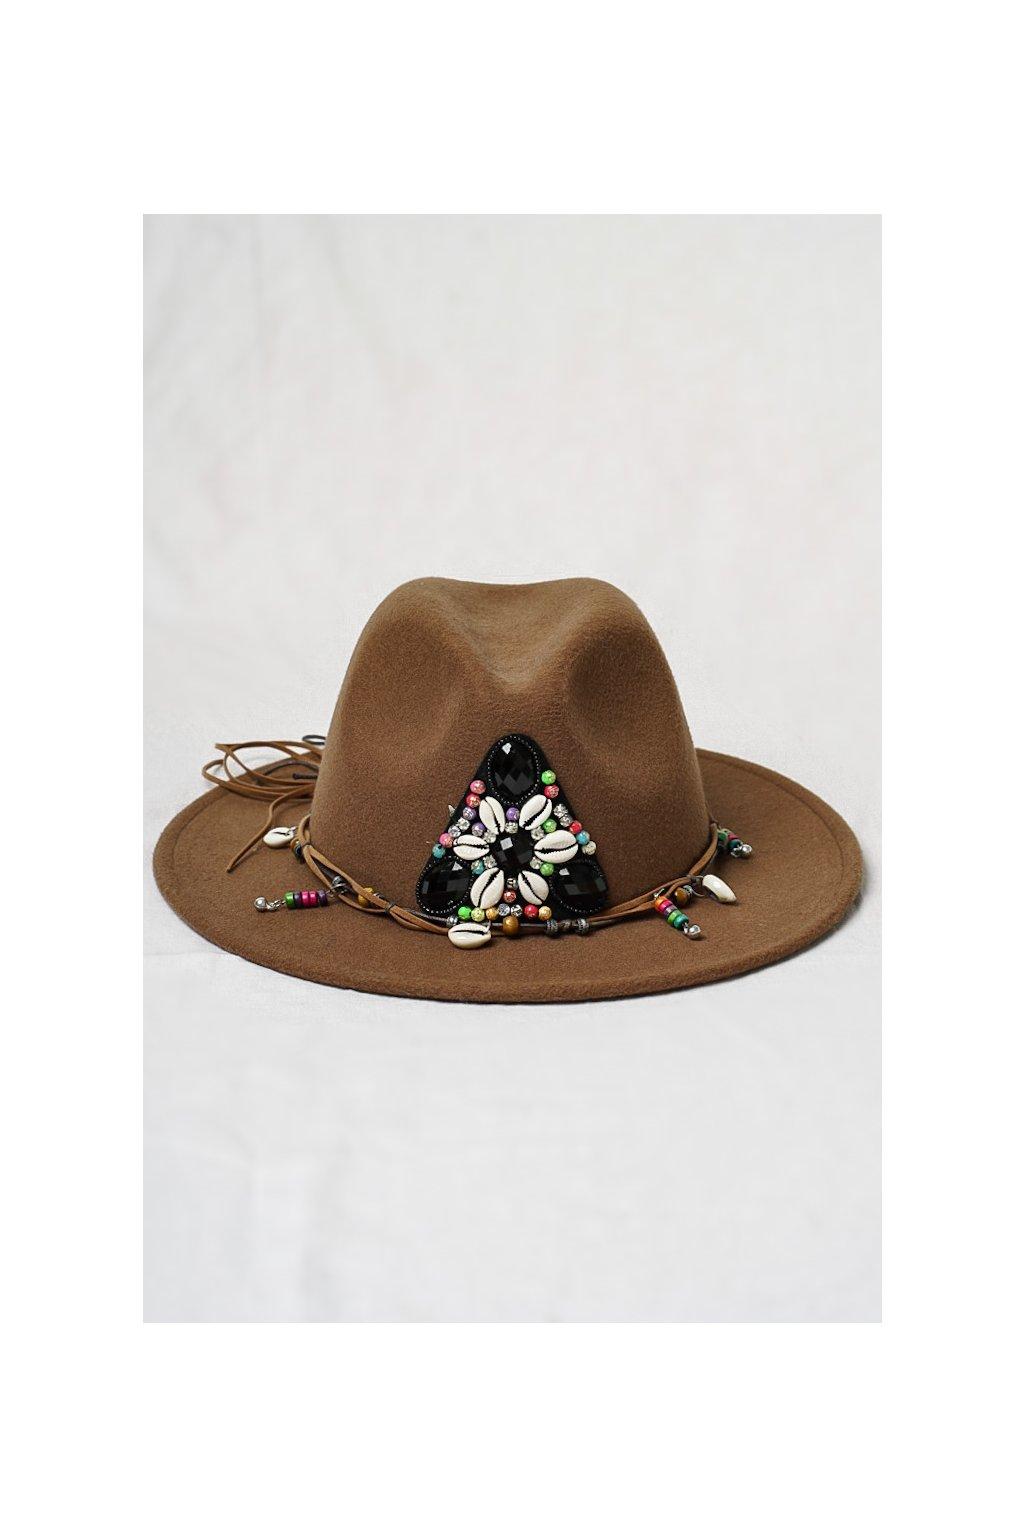 Hnedý klobúk s aplikáciou